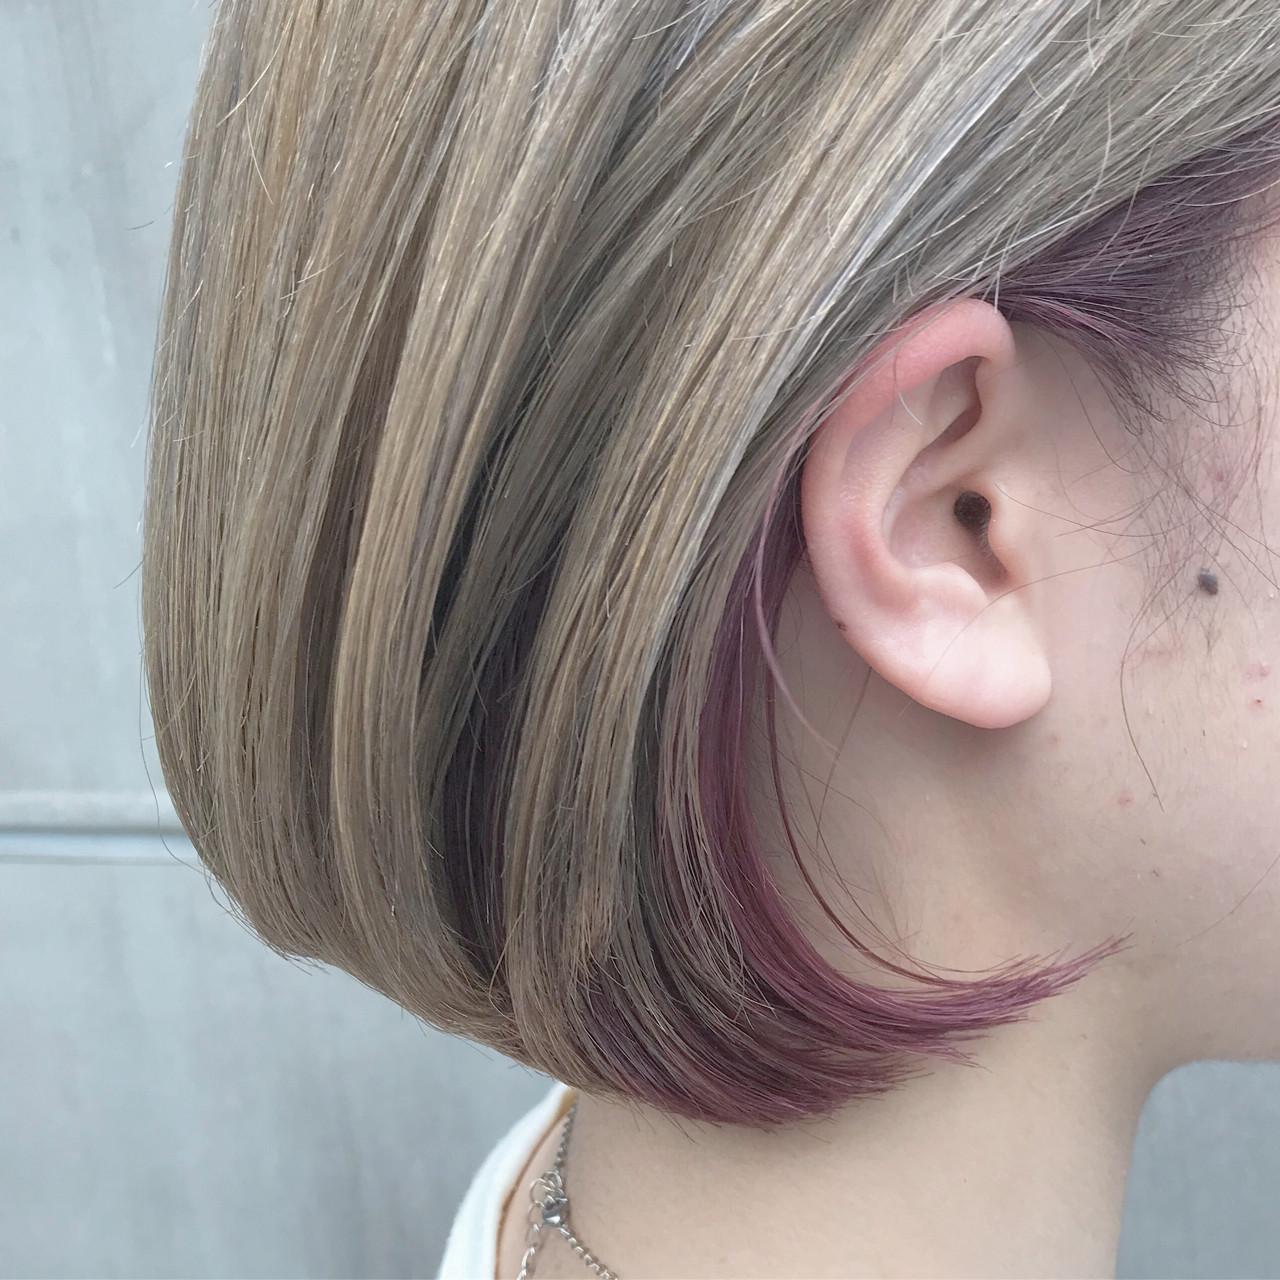 ショート グレージュ デート モード ヘアスタイルや髪型の写真・画像 | 阪下 裕紀 / フリーランス /SALOWIN